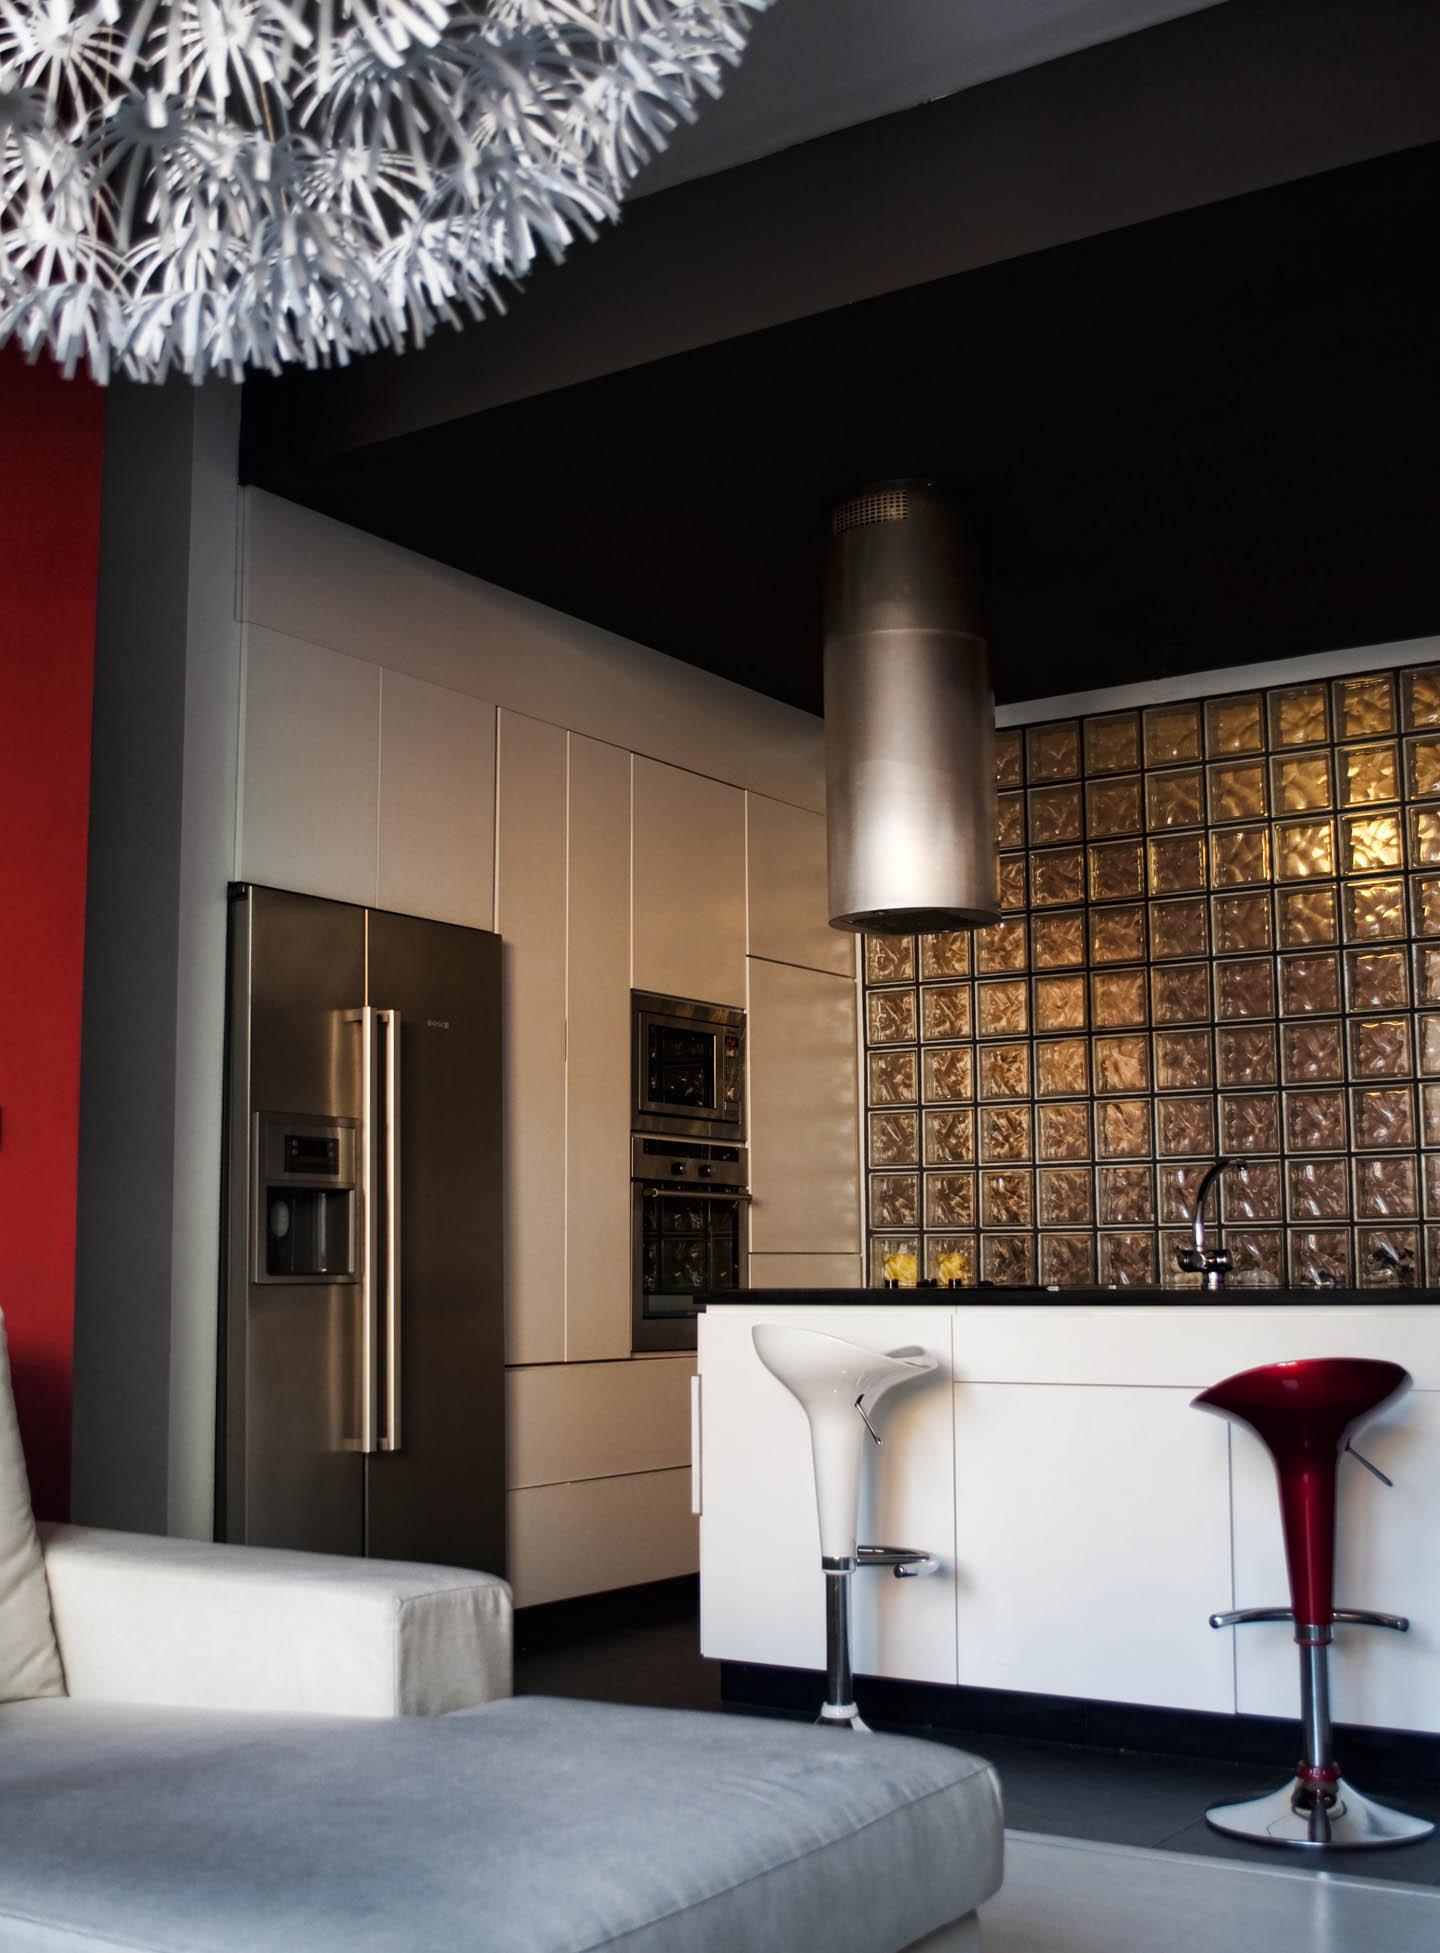 Cambio piso cambio piso en santander reformado por chalet a km de cambio piso en la manga del - Cambio casa por chalet ...